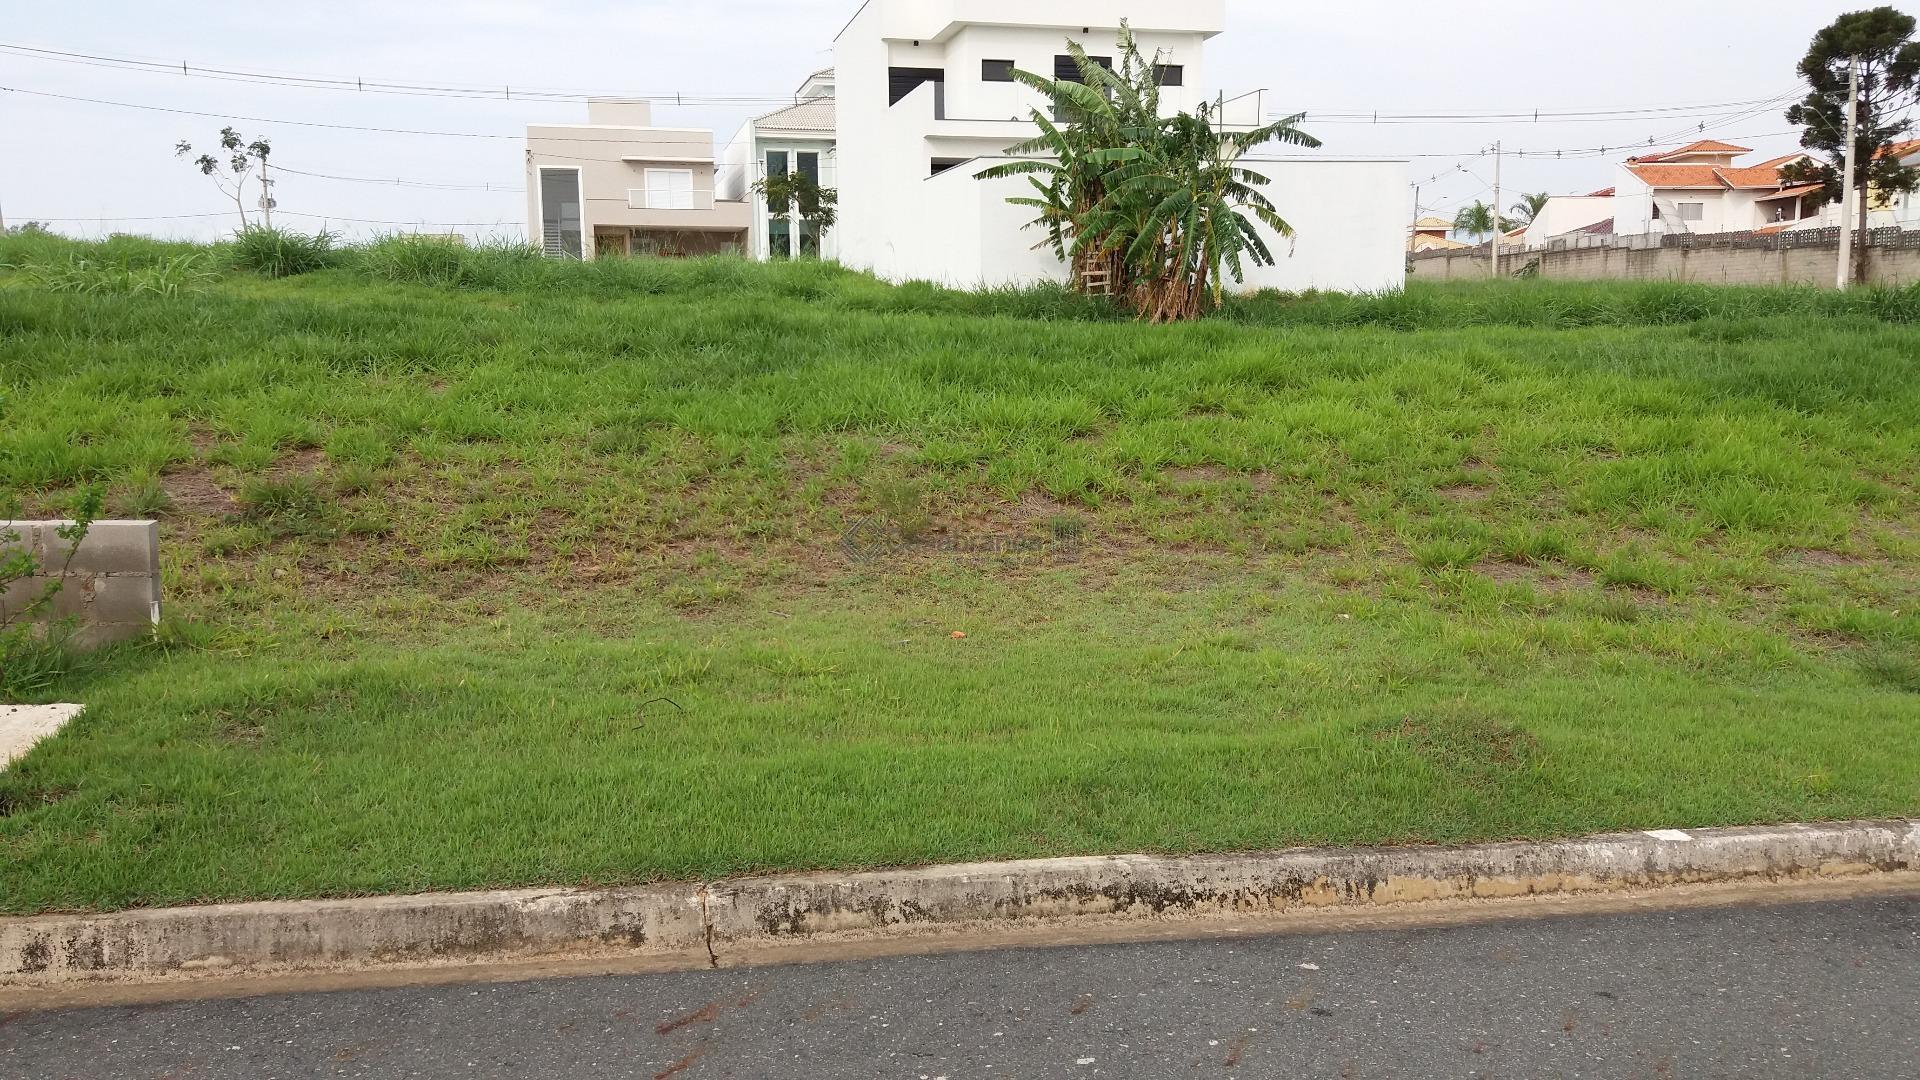 Terreno residencial à venda, Condominio Le France, Sorocaba - TE3471.